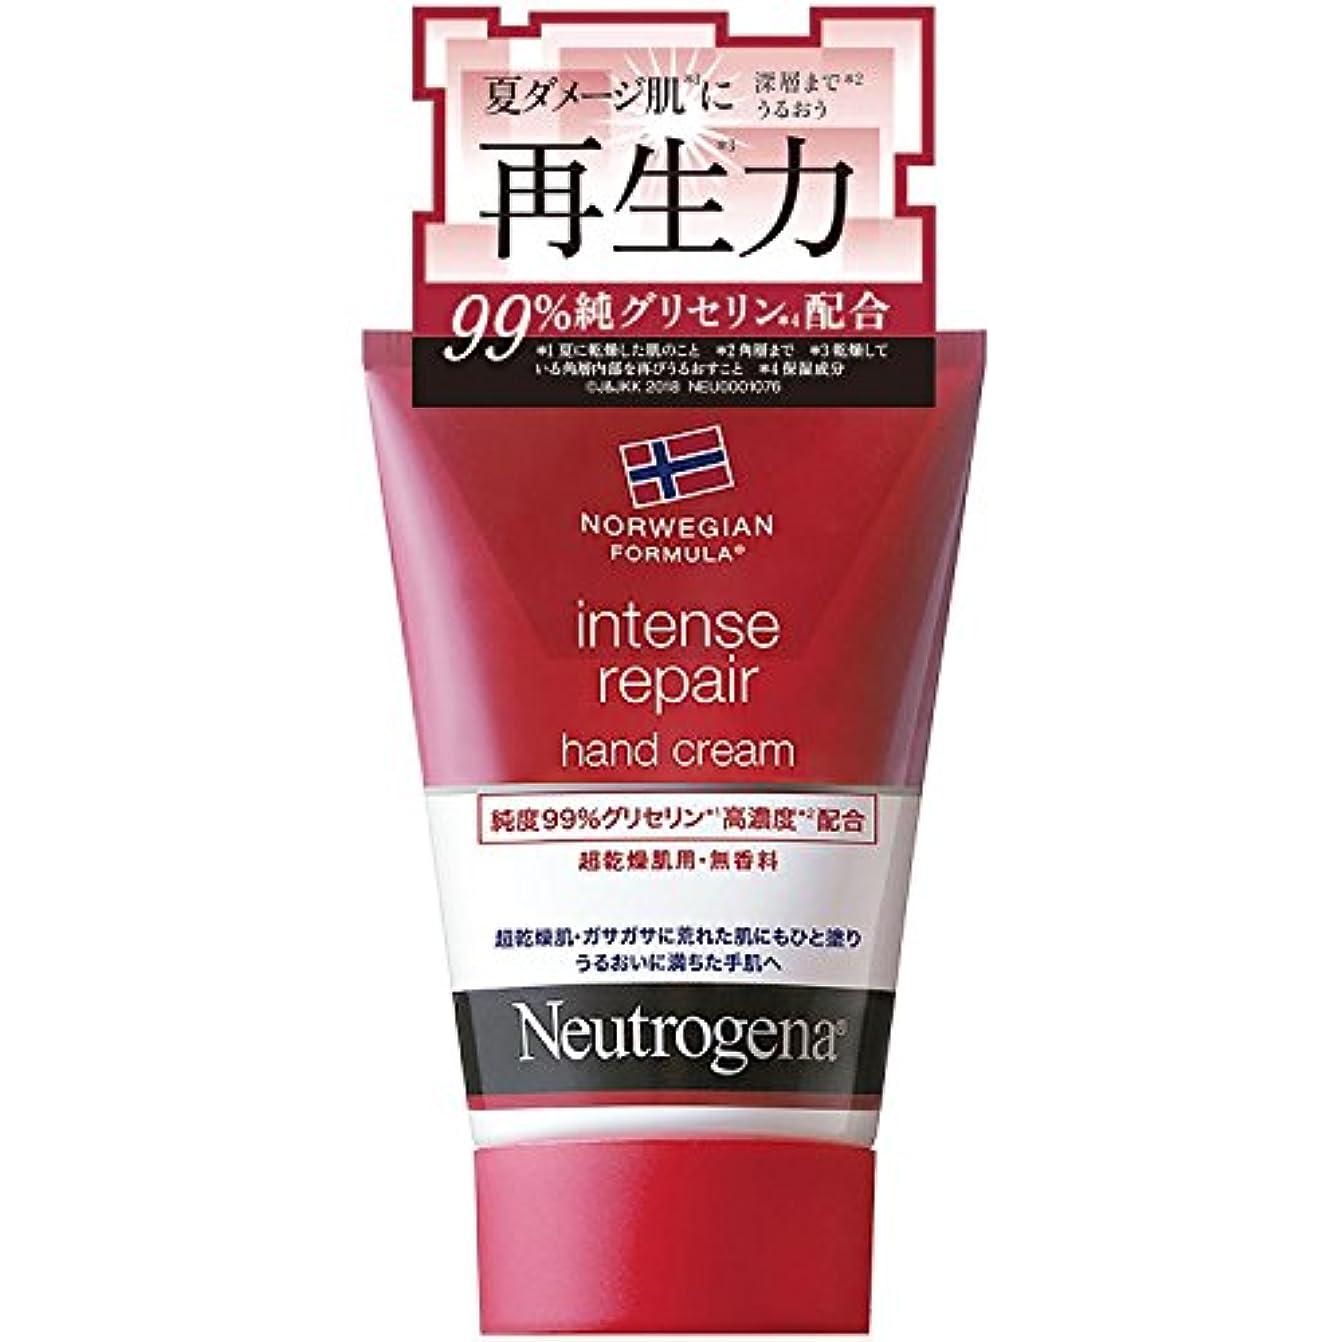 南ラック麻酔薬Neutrogena(ニュートロジーナ) ノルウェーフォーミュラ インテンスリペア ハンドクリーム 超乾燥肌用 無香料 単品 50g